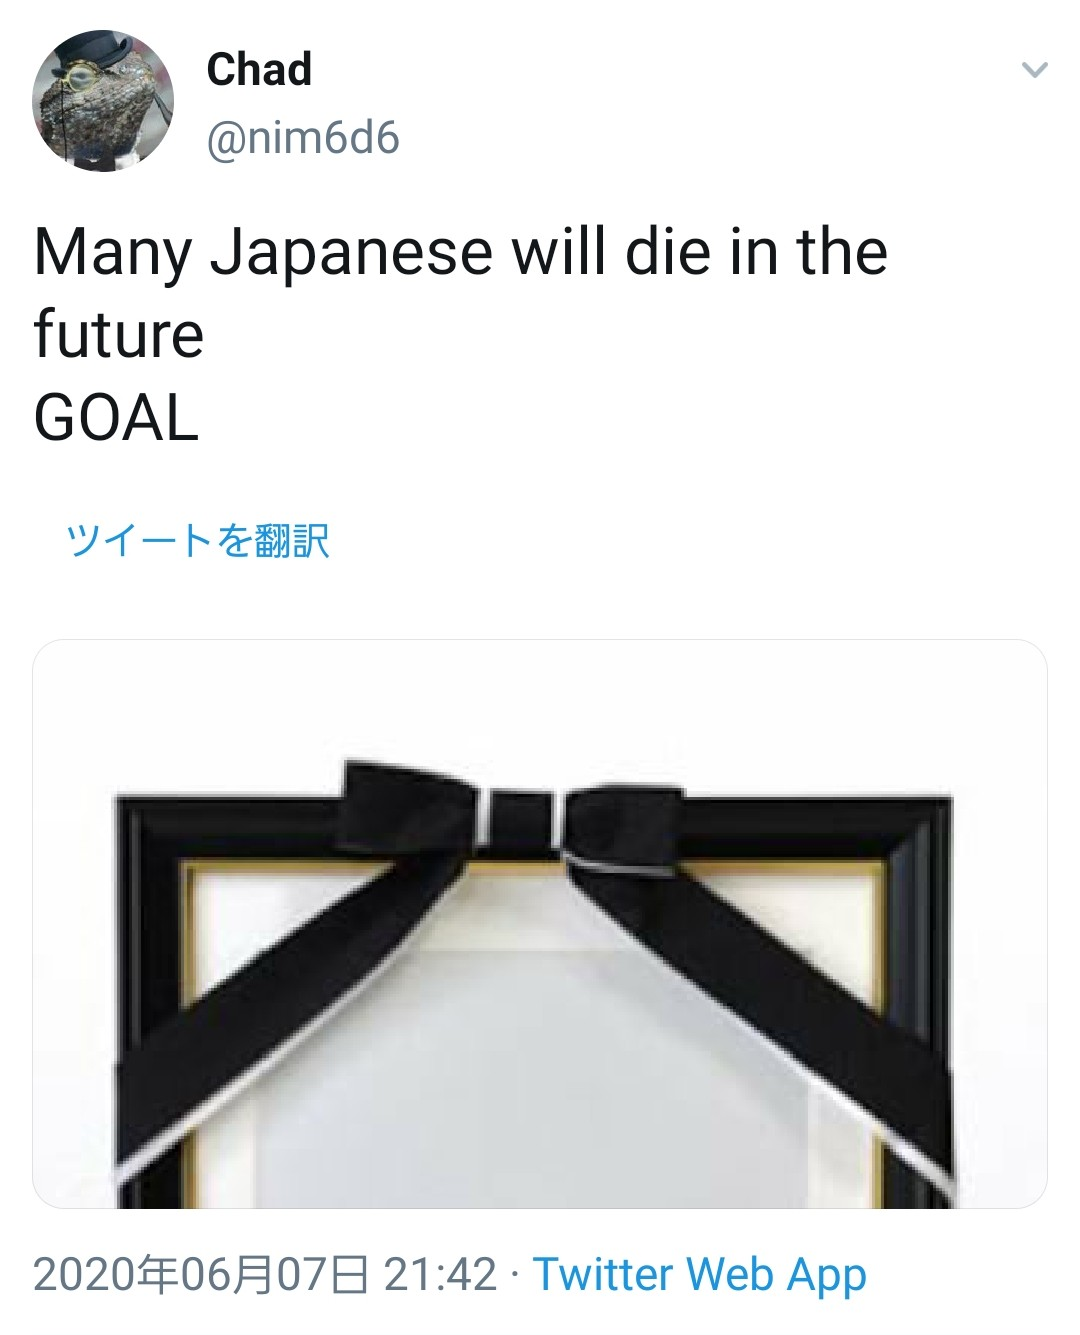 多くの日本人が死ぬ